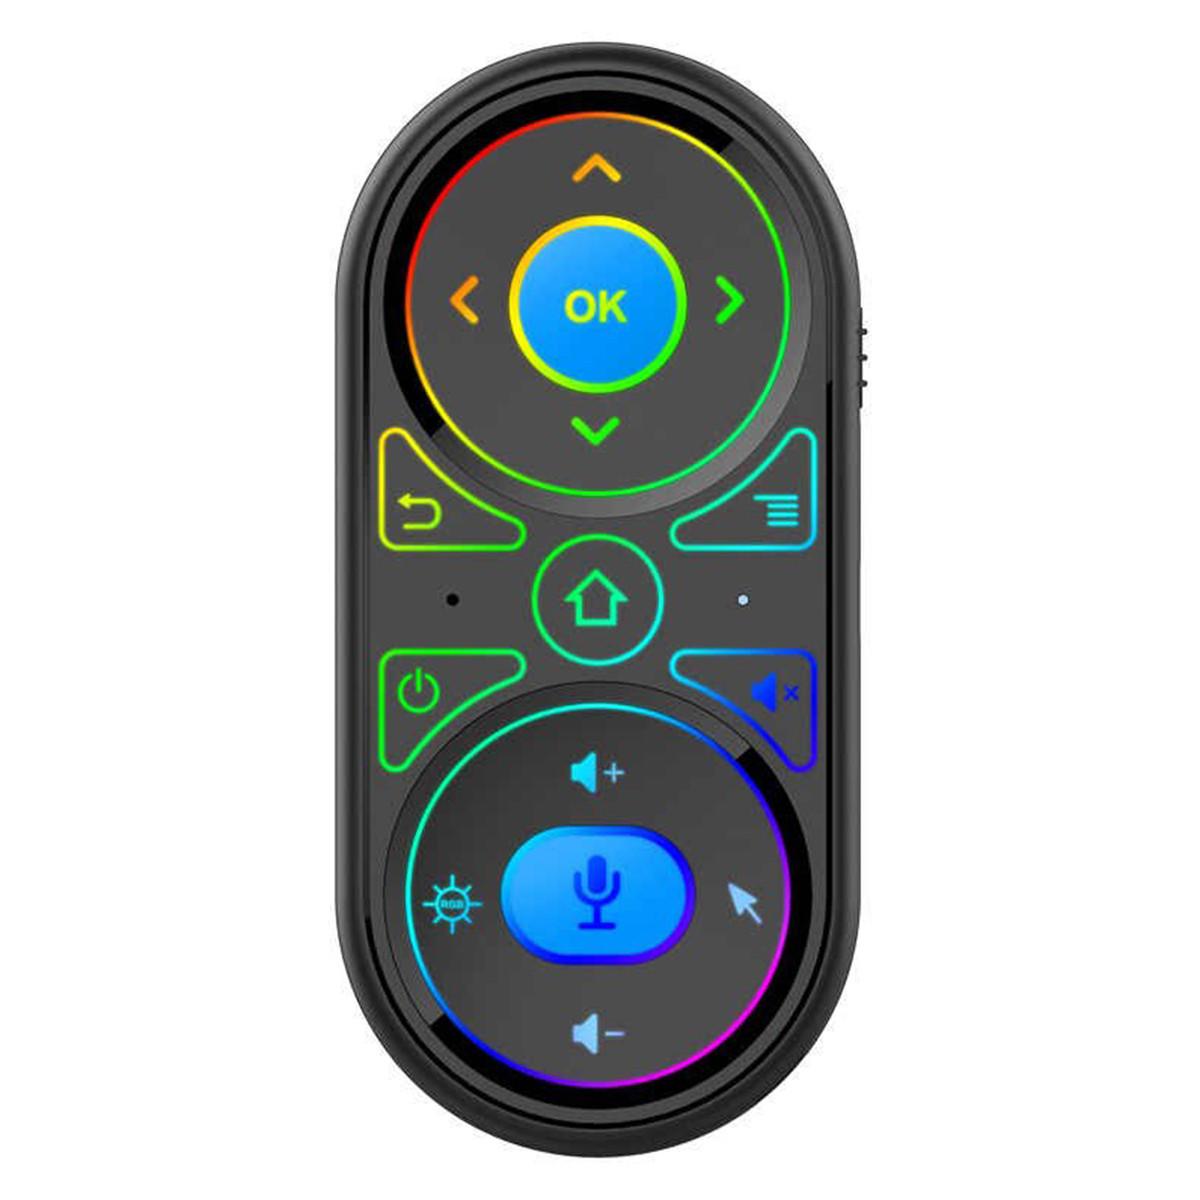 Пульт-аэромышь SKY (G11 Pro) гироскоп / голосовой ввод / подсветка / аккумулятор